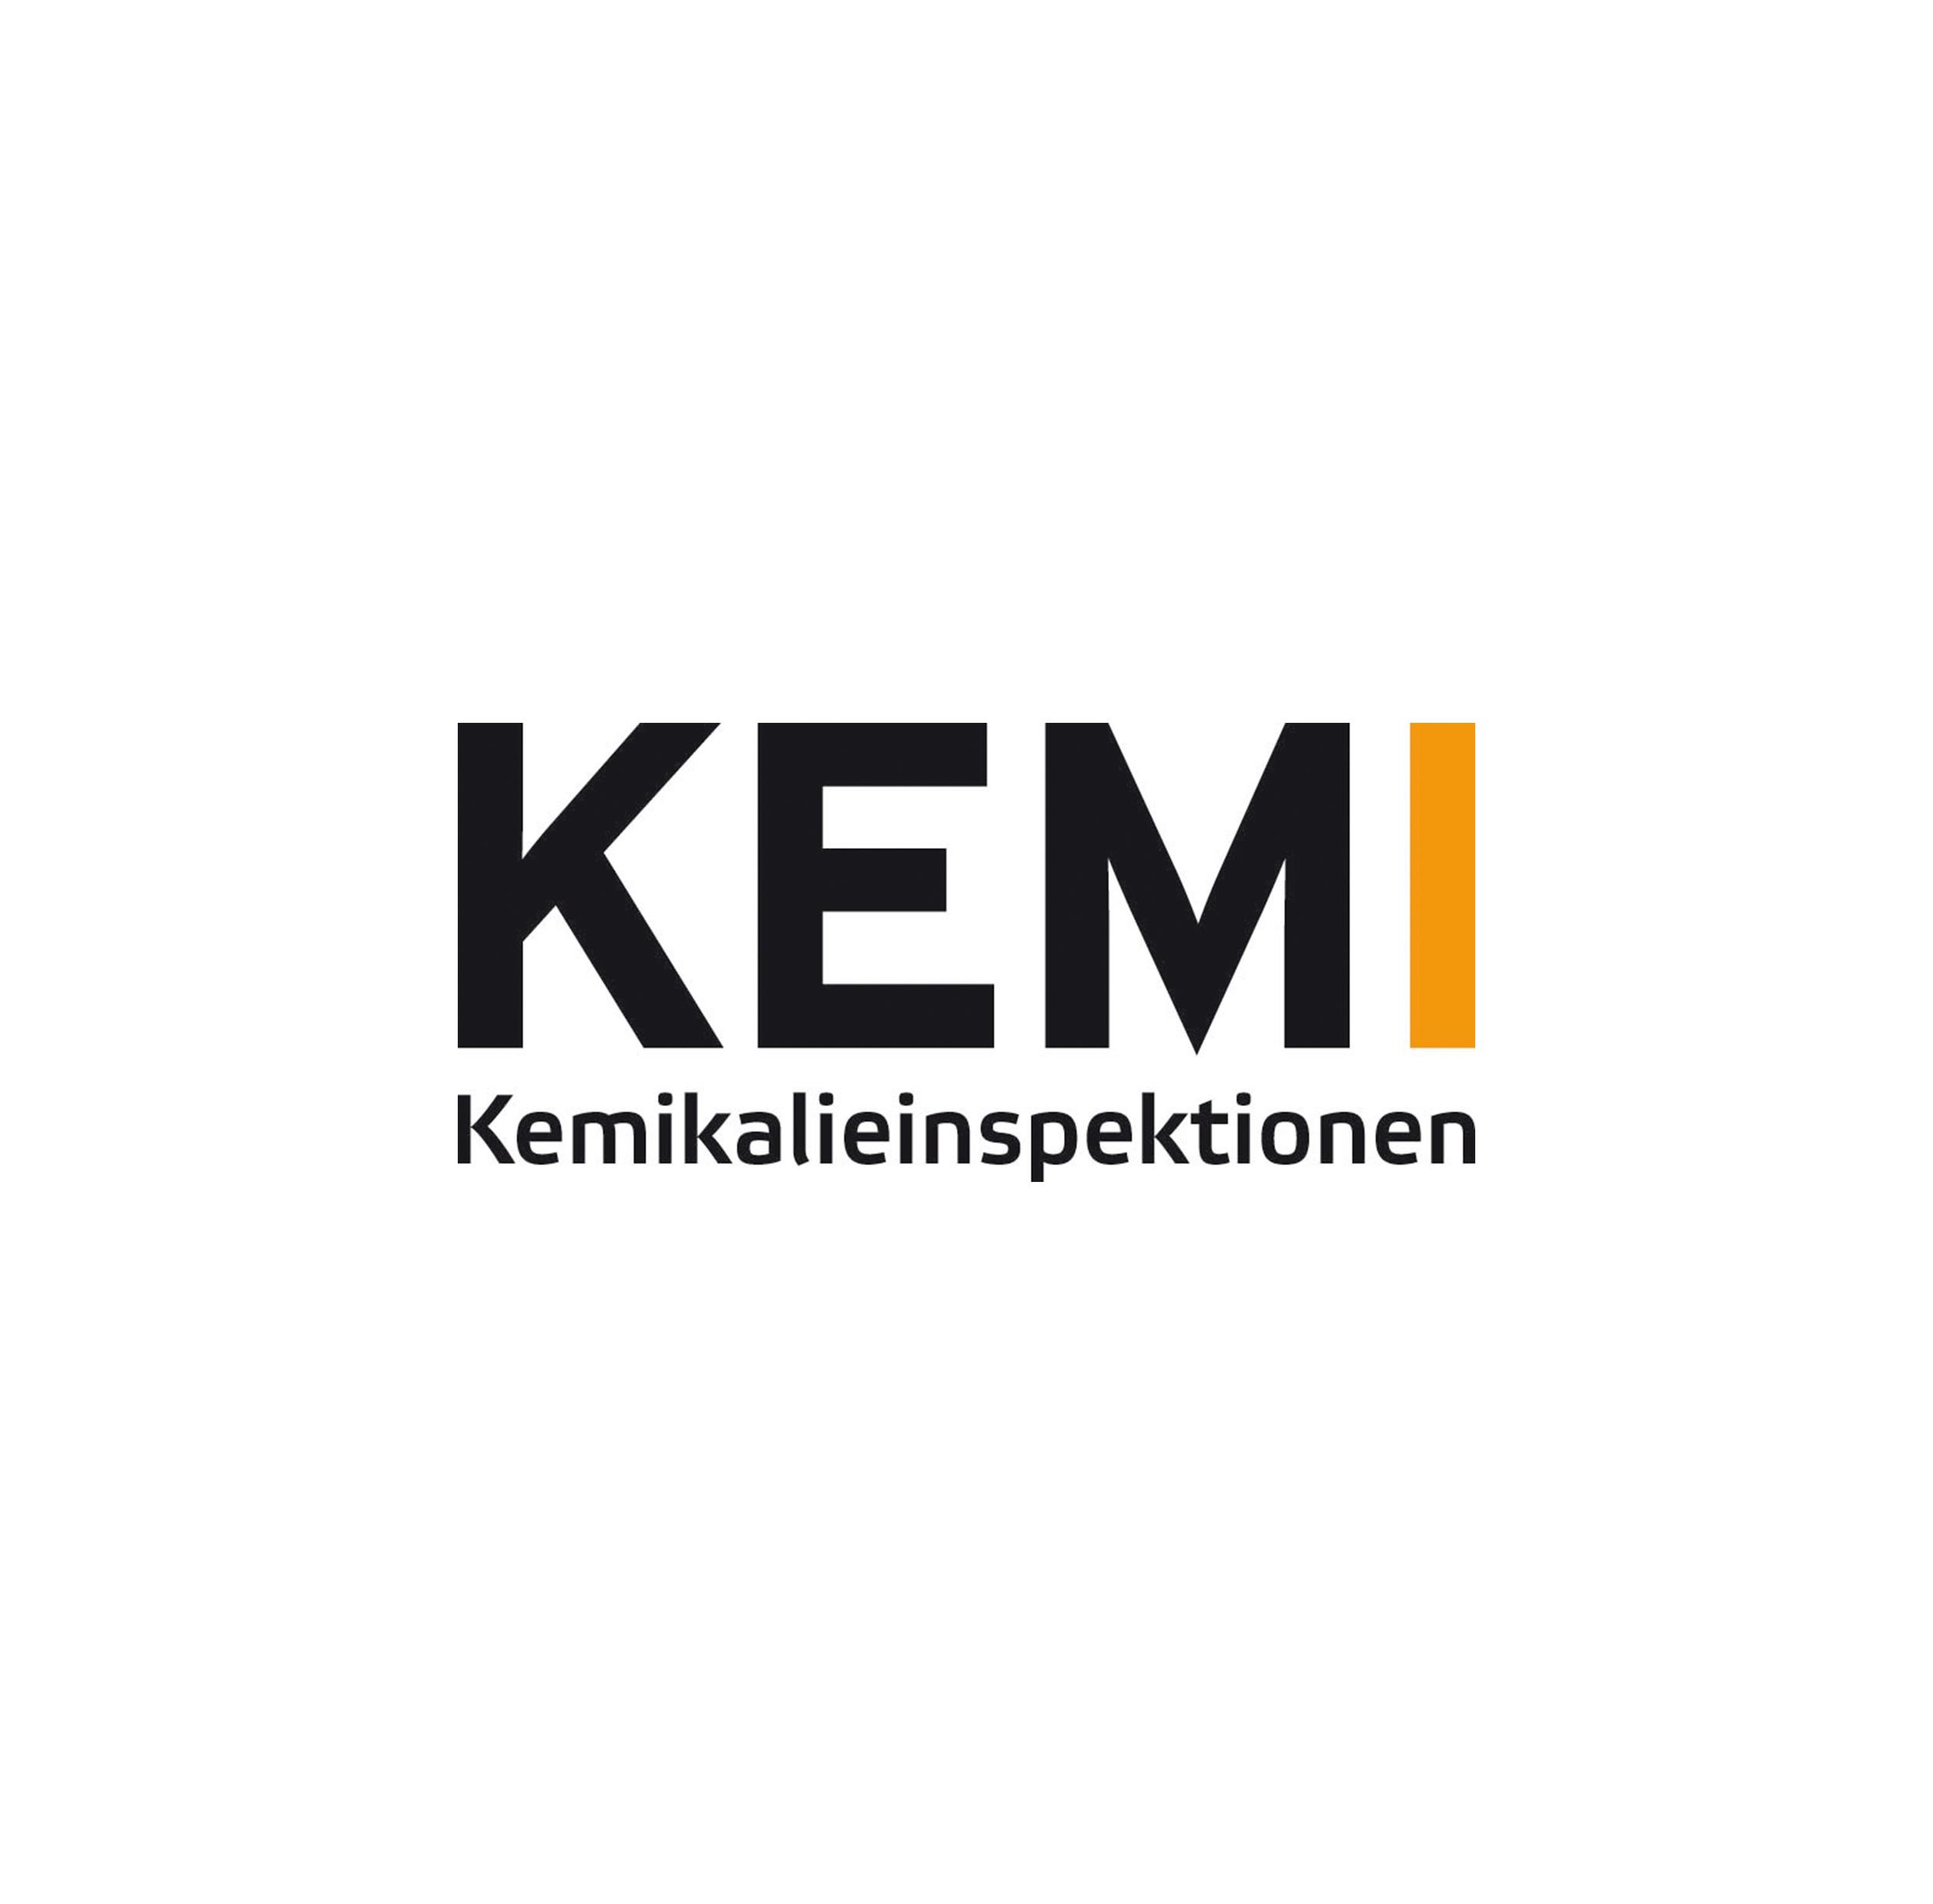 KEMI.png